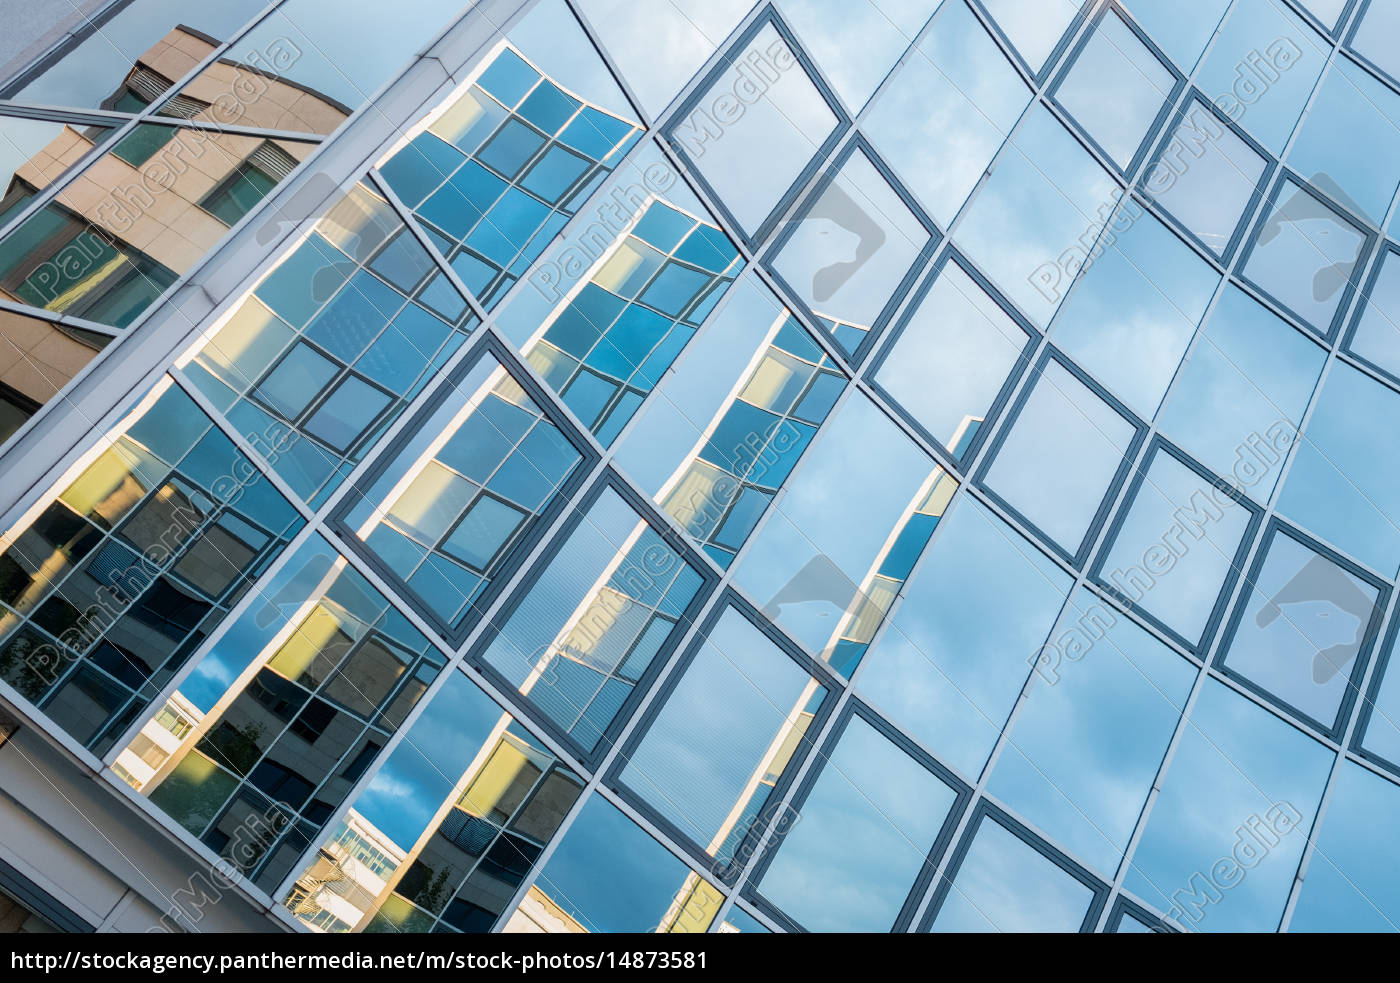 bygning, med, glasfacade - 14873581